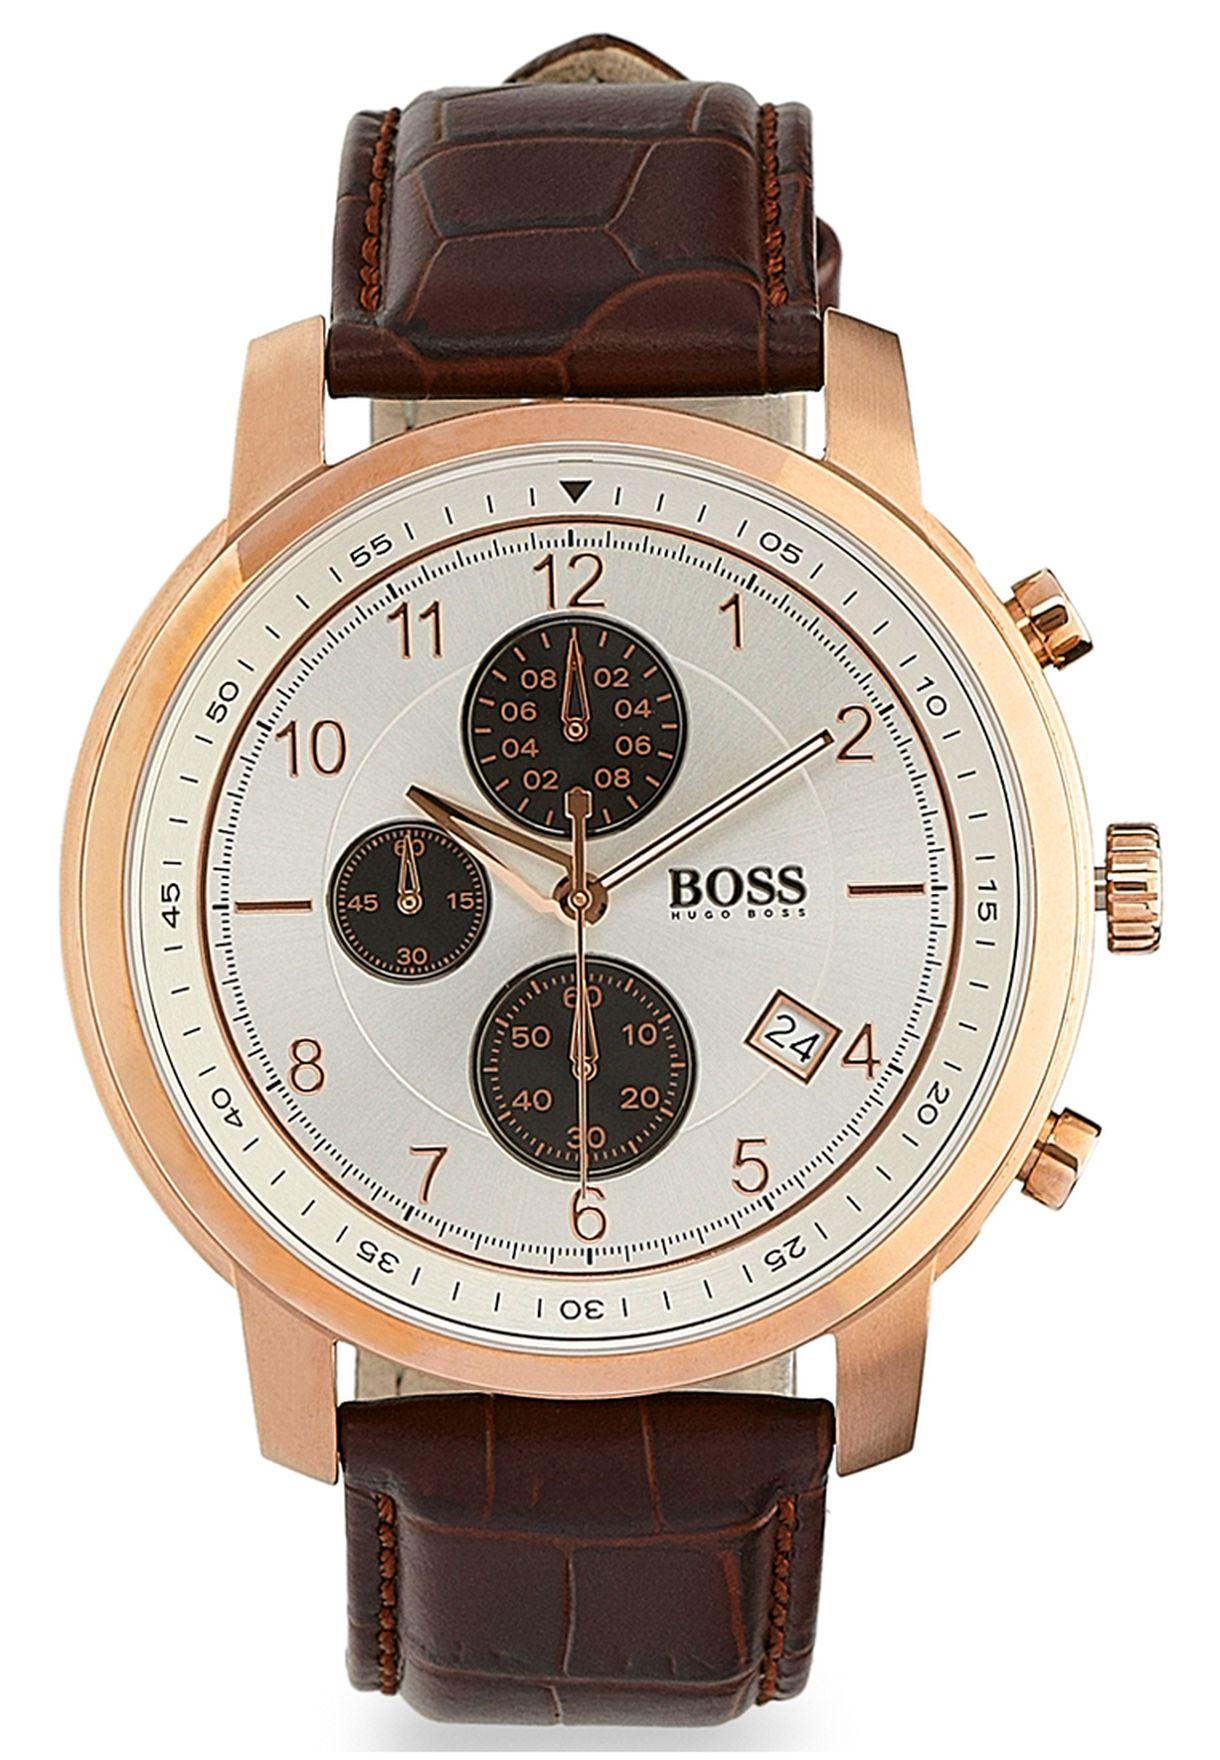 9c5305013 تسوق ساعة يد ماركة هوجو بوس لون بني في السعودية - HU783AC82FTP